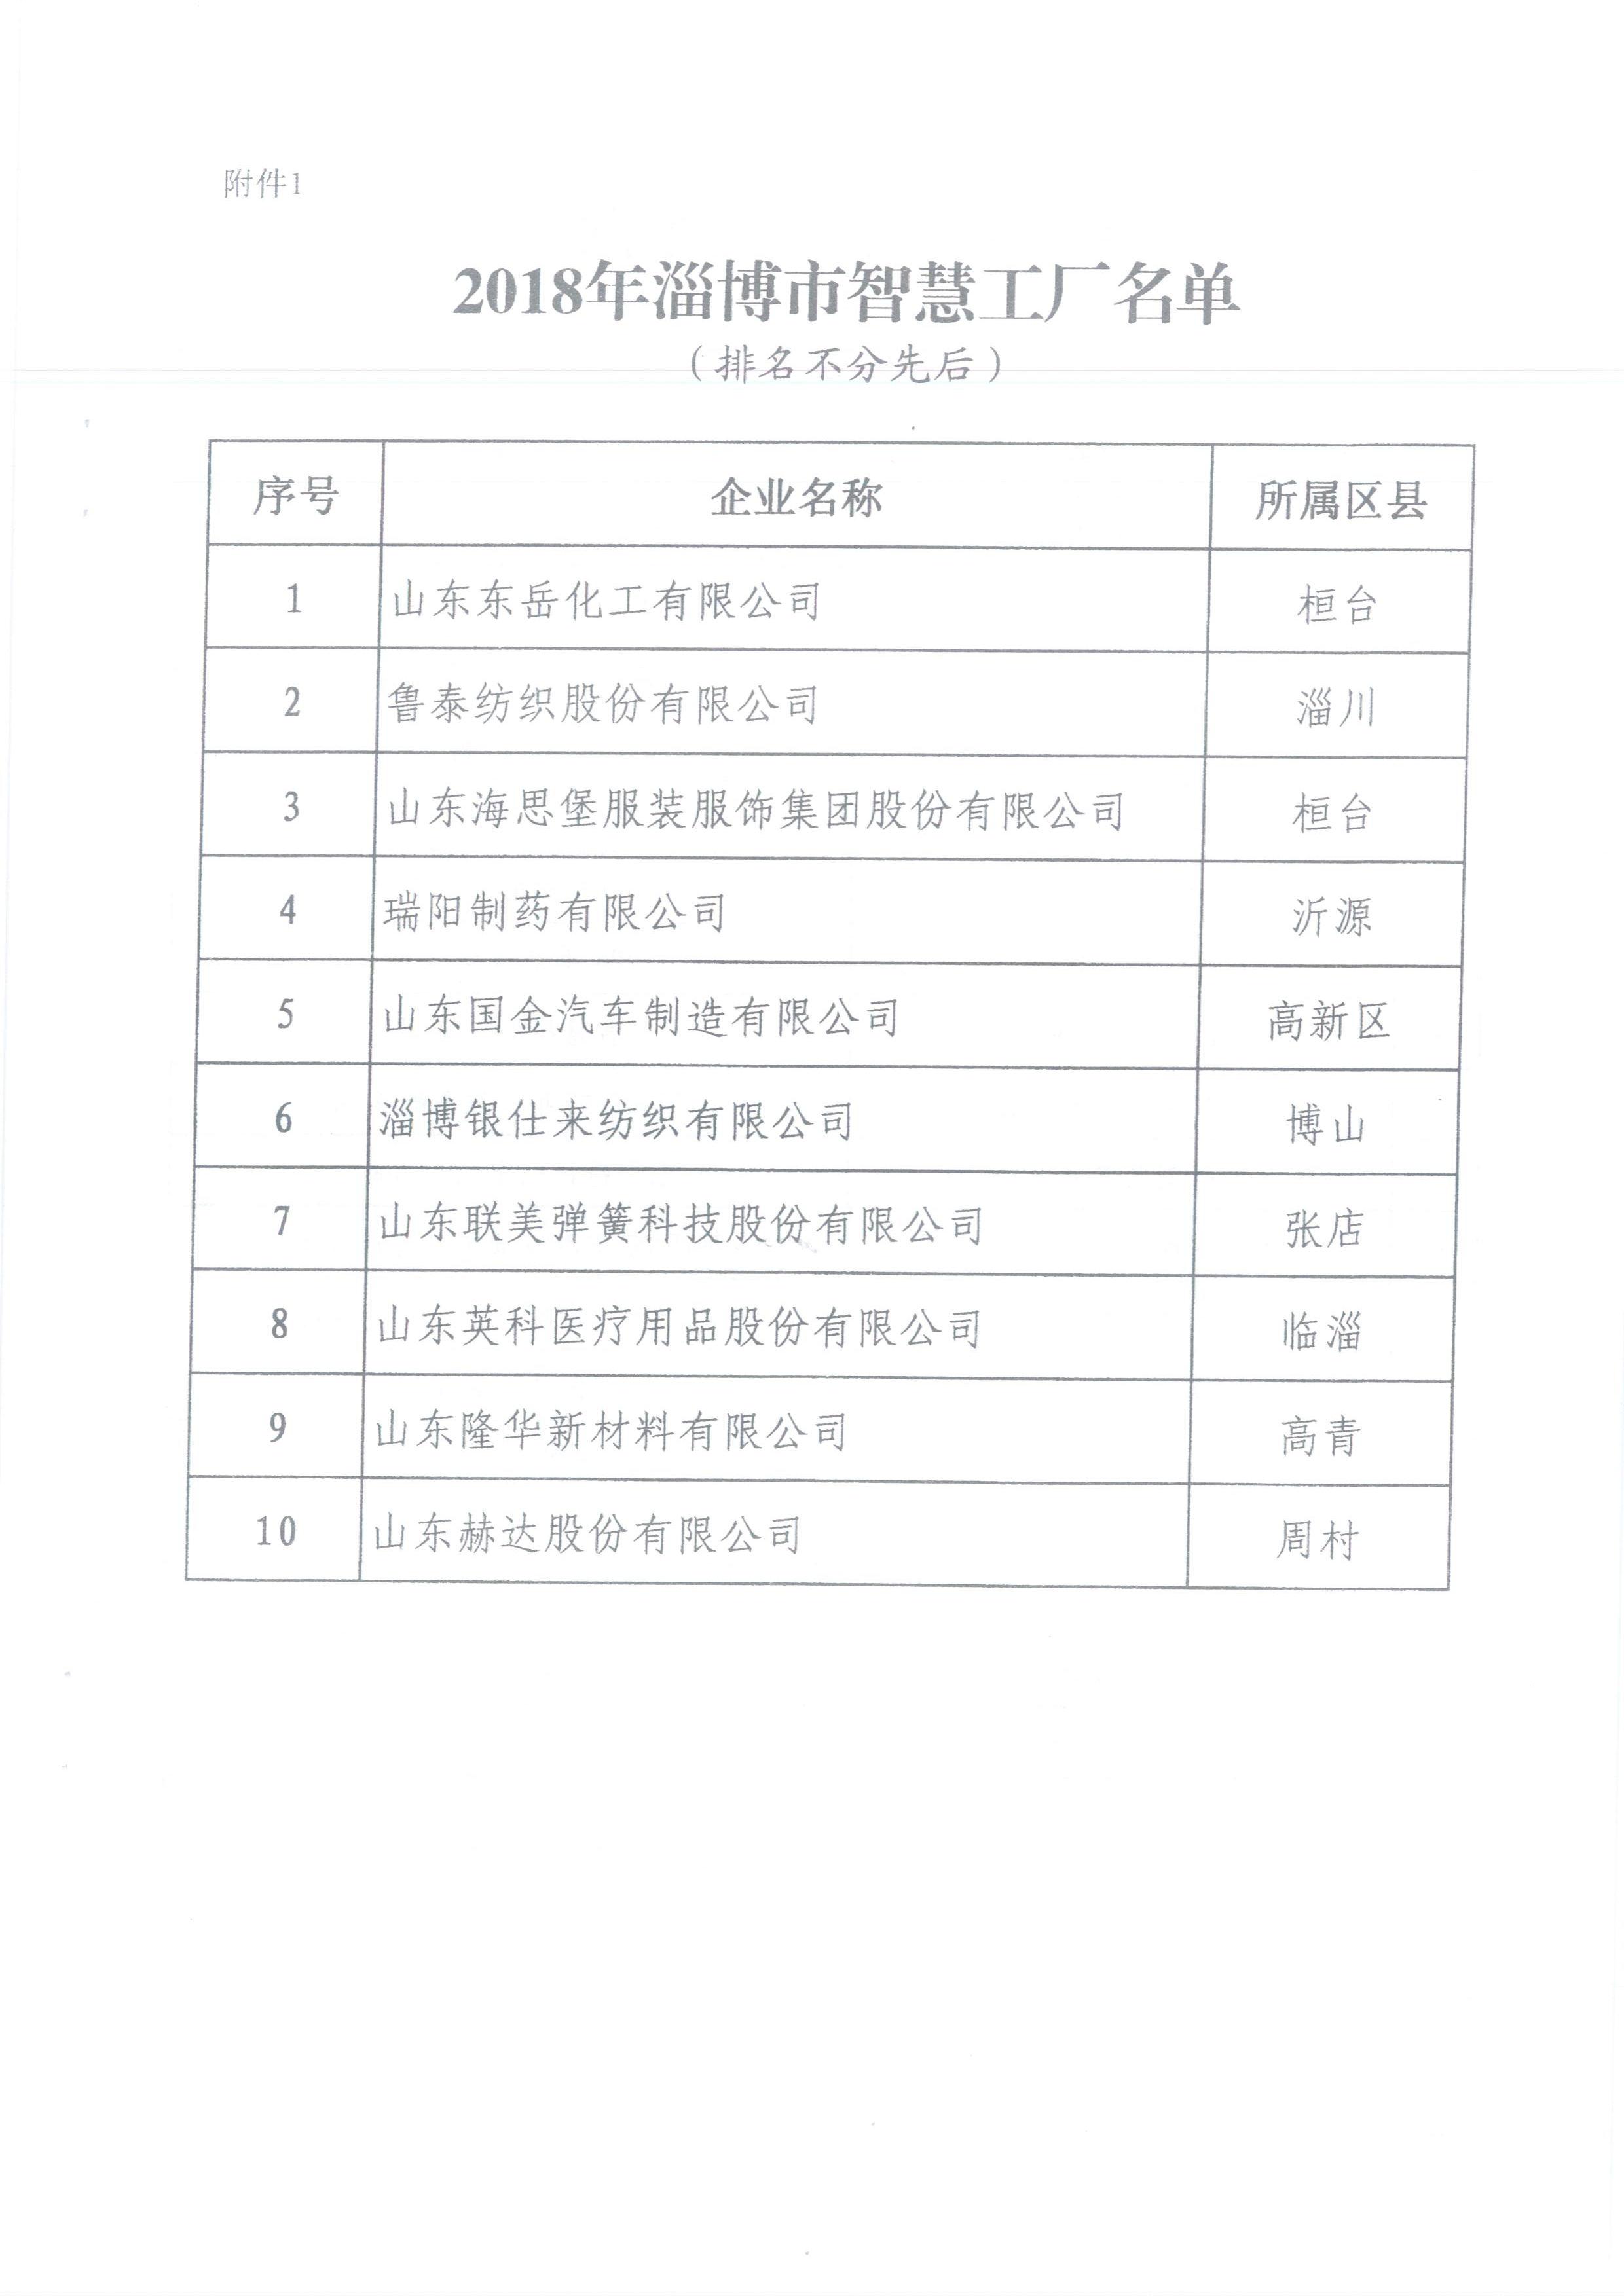 热烈祝贺北汽海华入选2018年淄博市智能车间(图1)